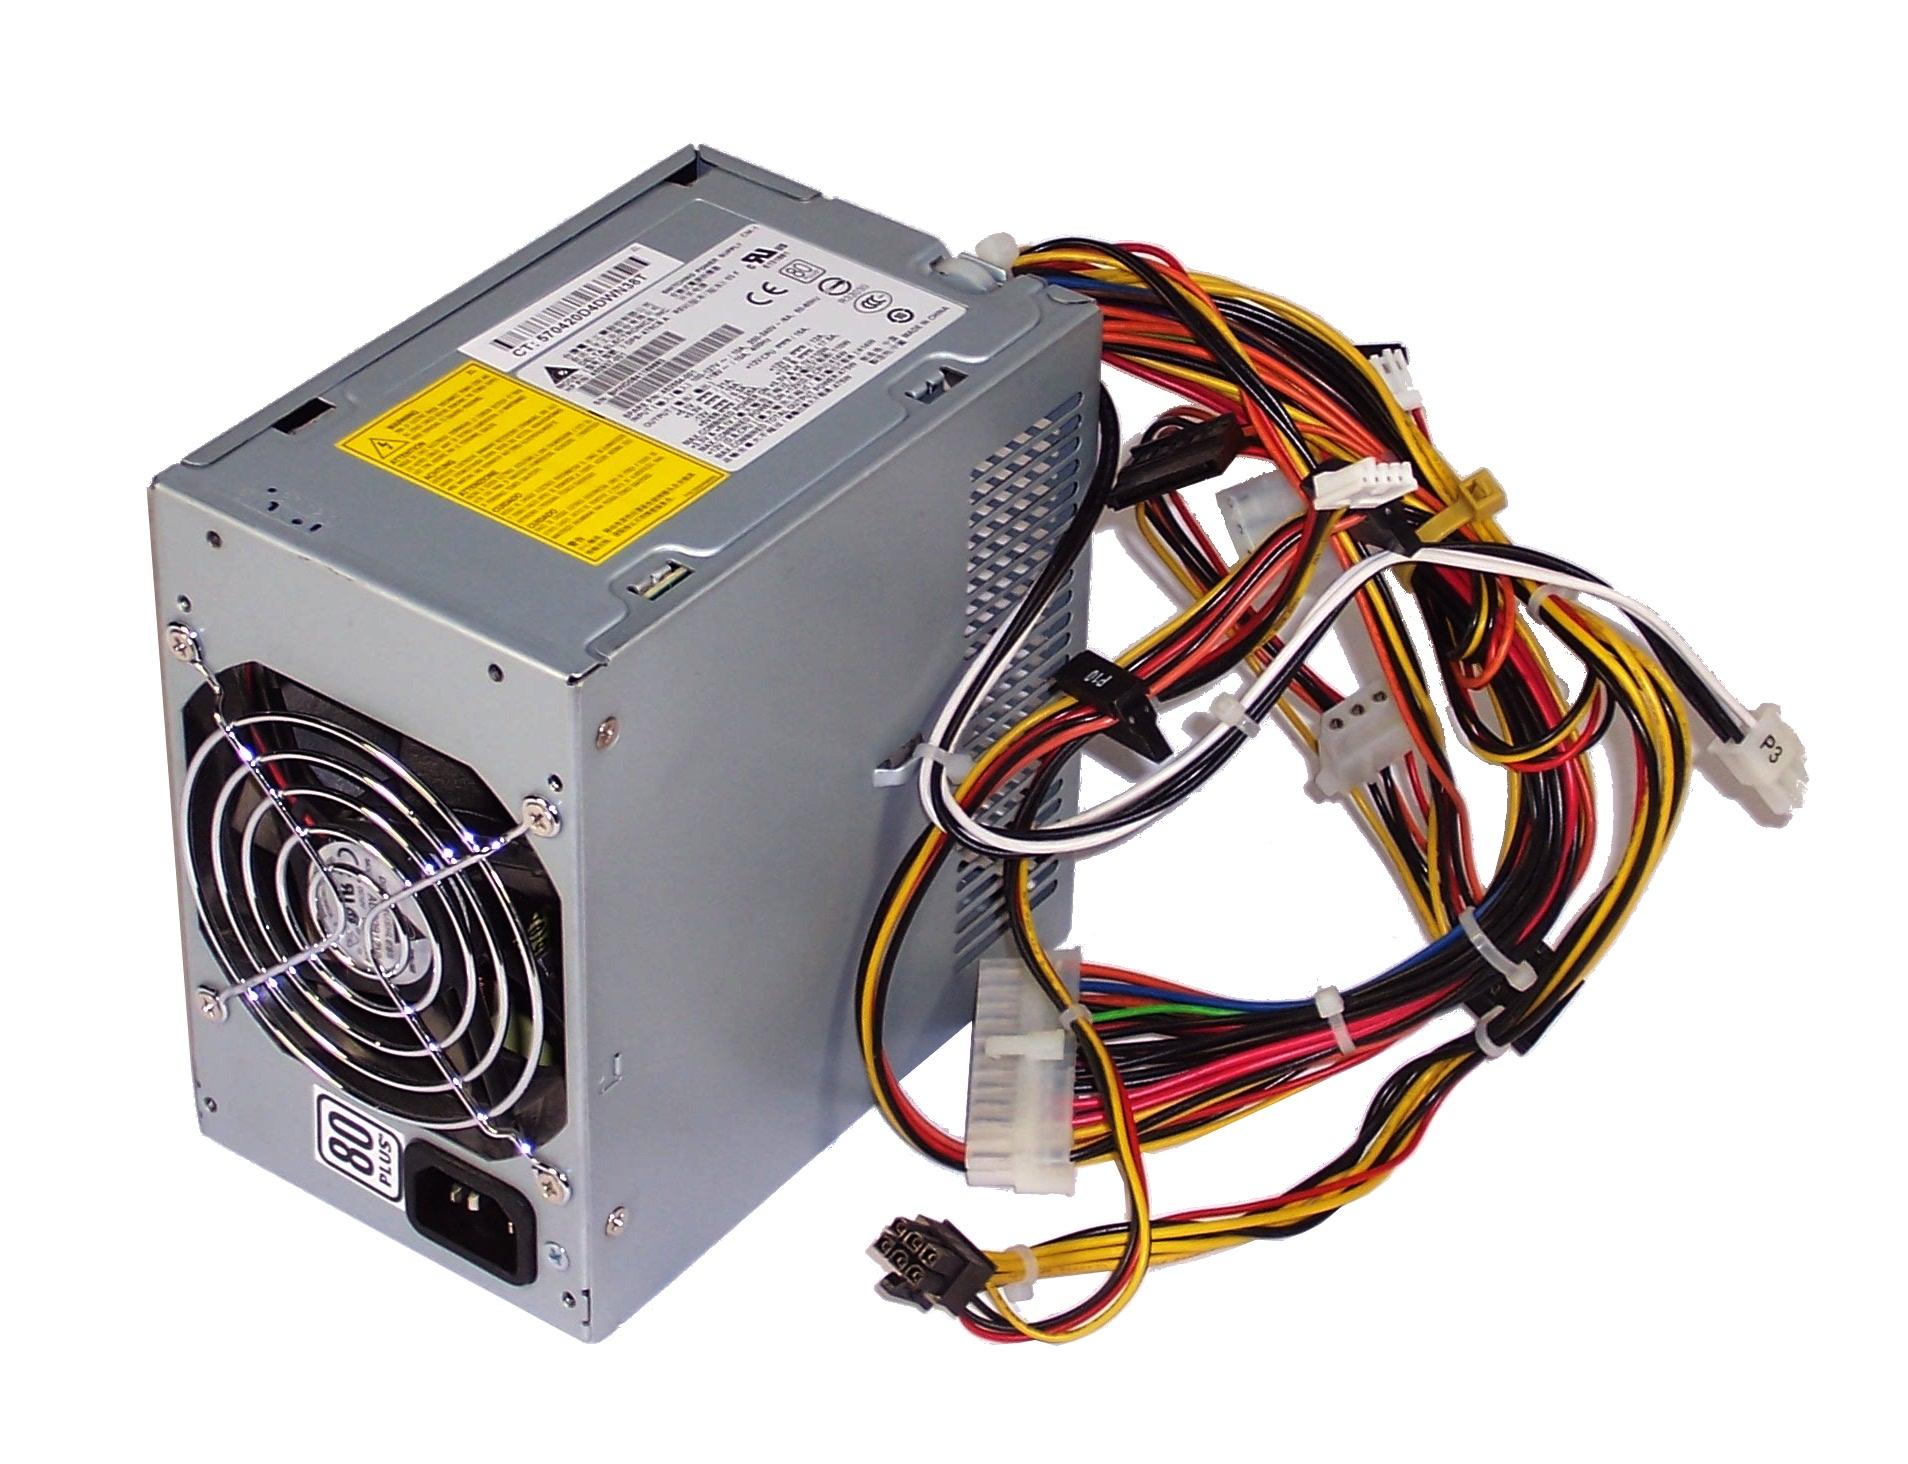 HP 452554-001 XW4600 Workstation 475W ATX Power Supply- HP P/N: 450937-001